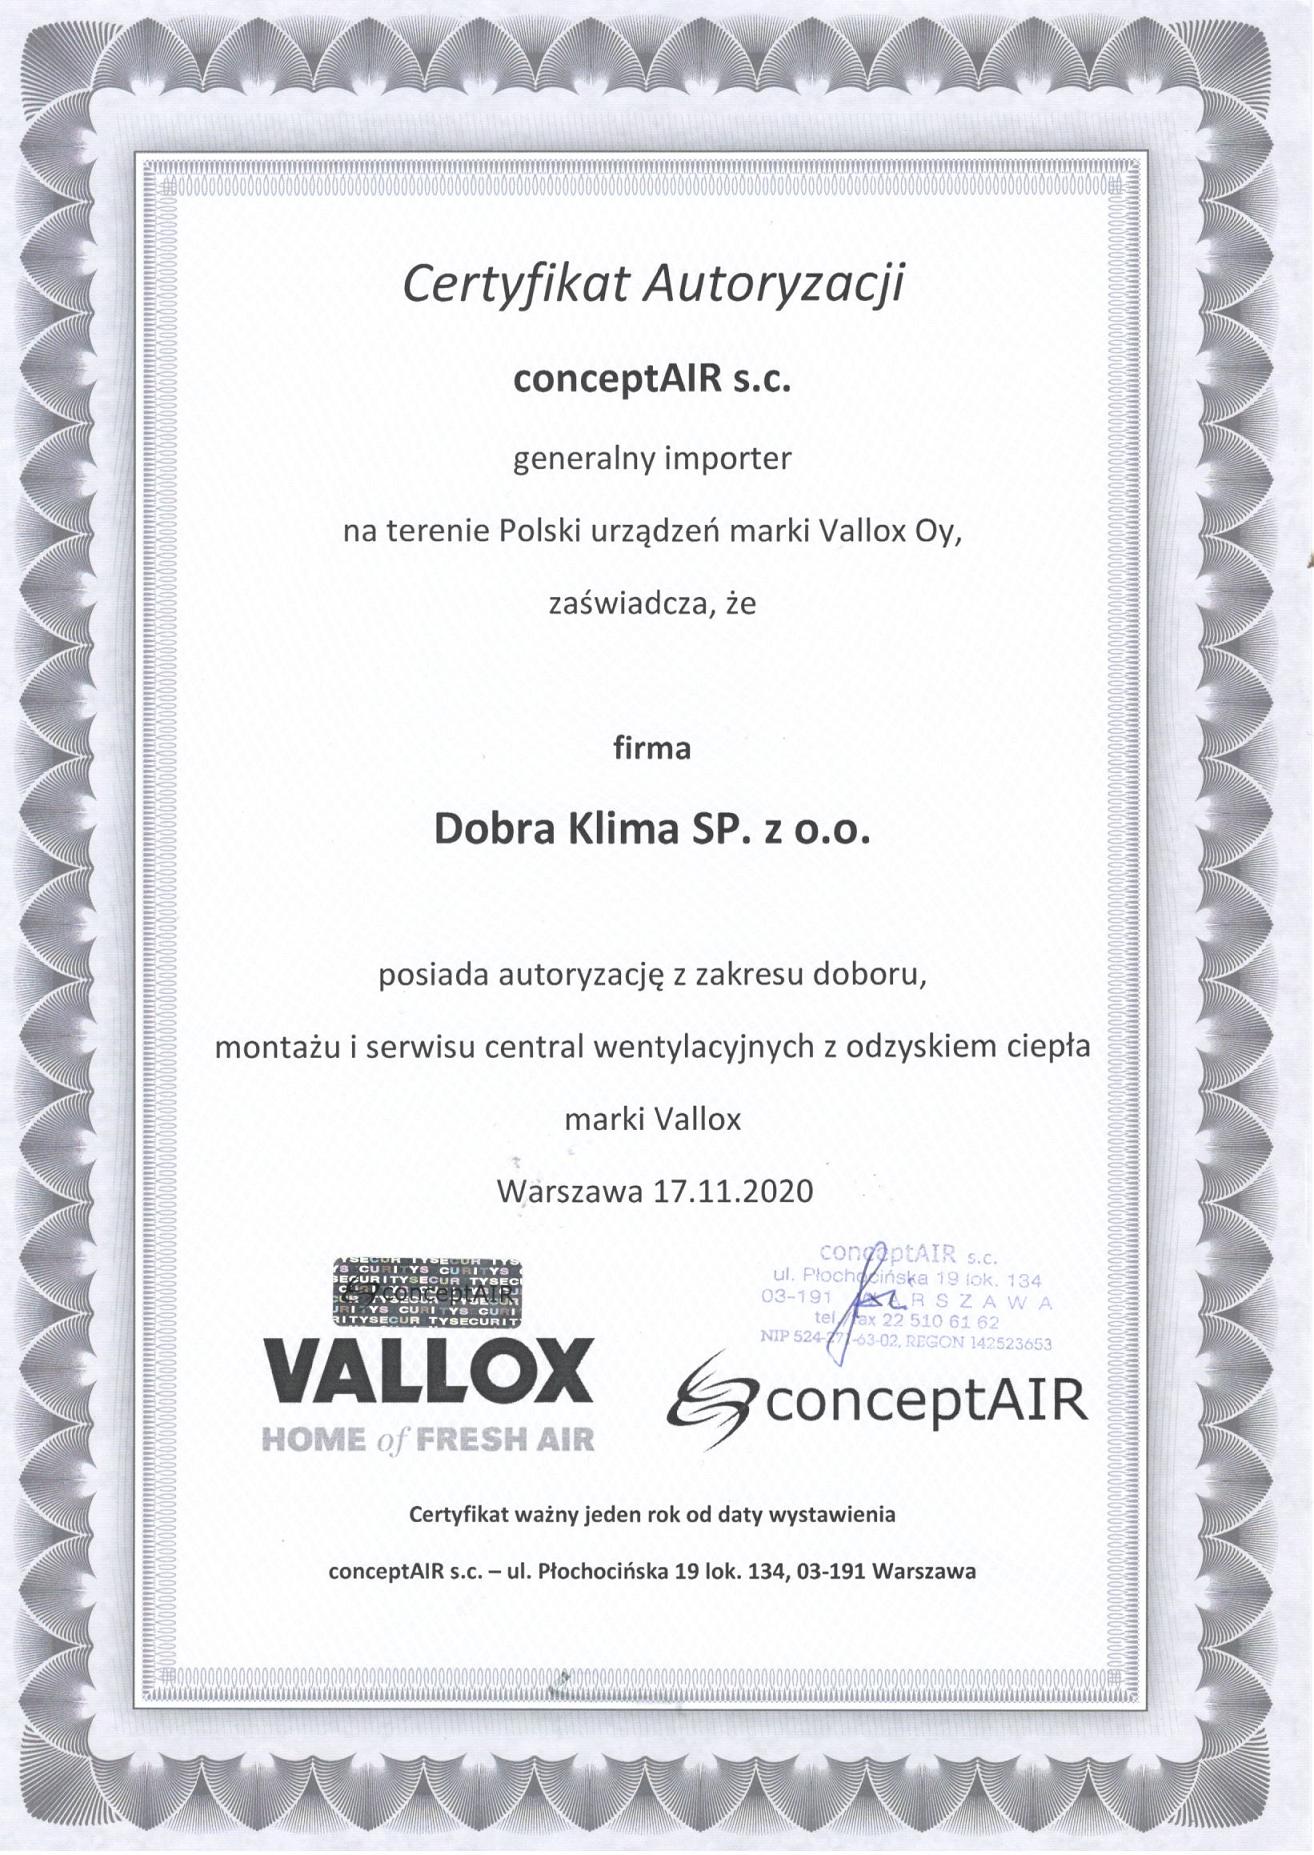 2020-certyfikat-conceptair